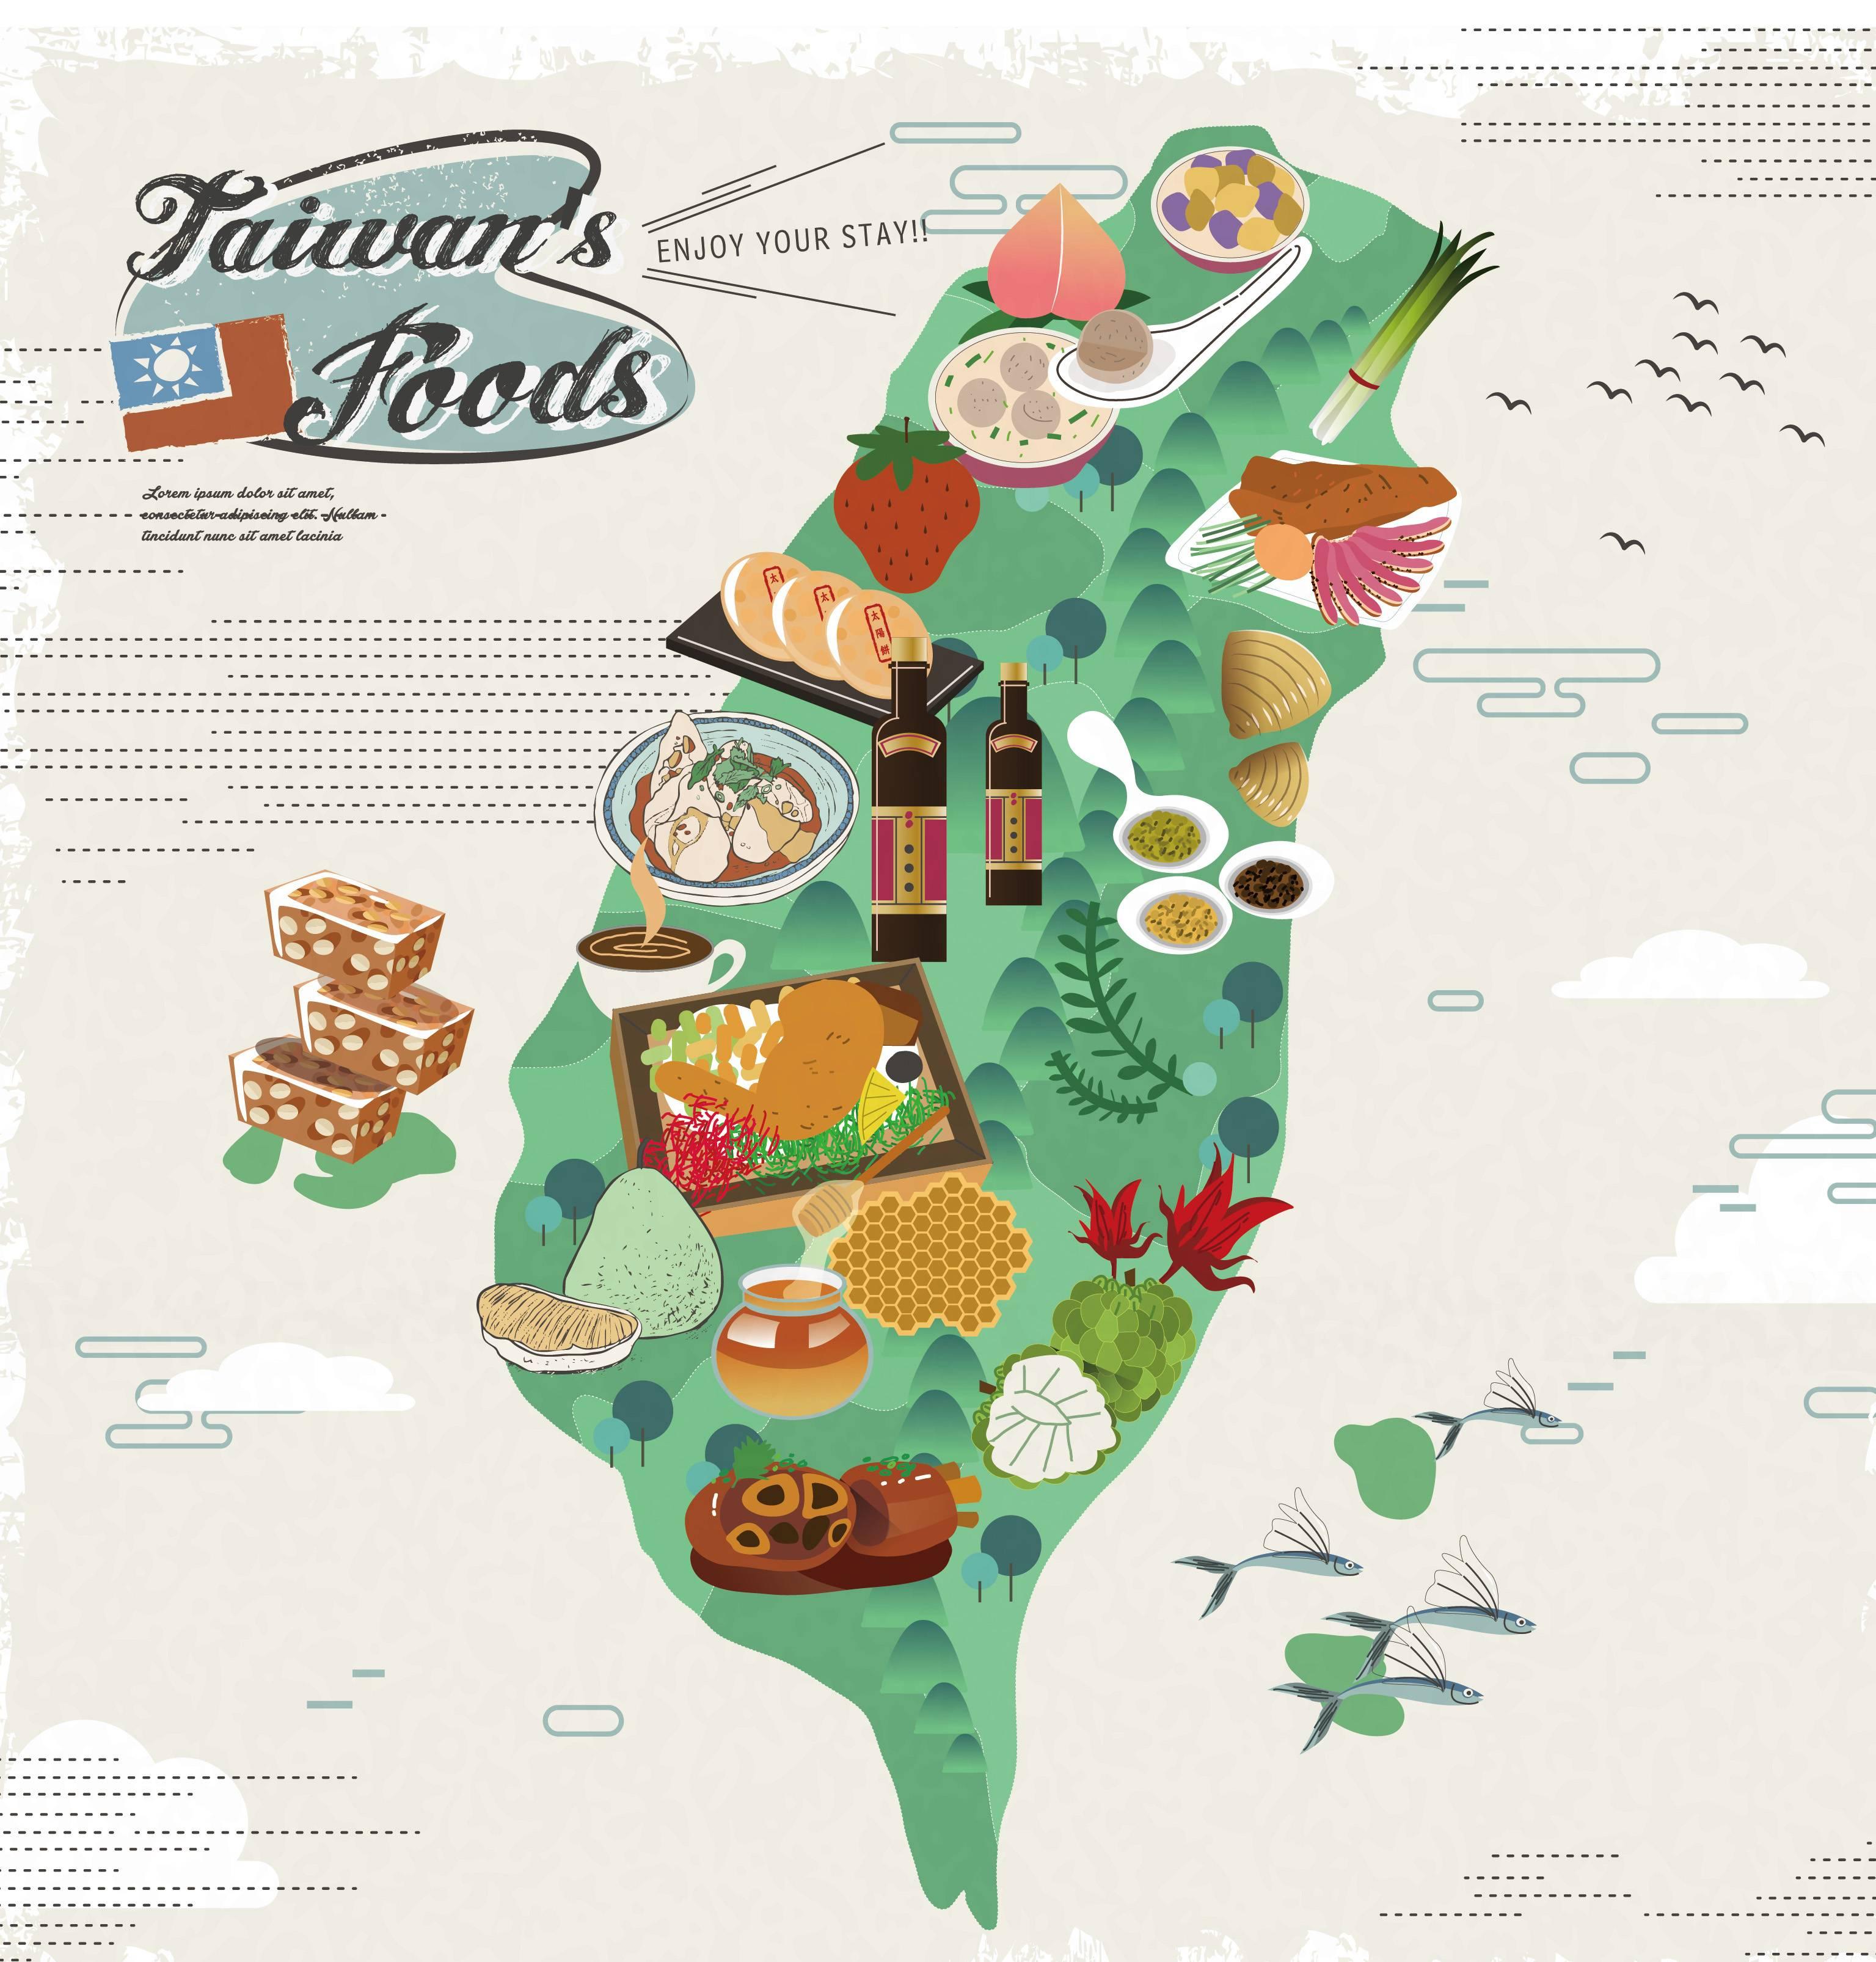 台湾v地图扁平化地图小吃美食创意设计春节成都旅游住宿攻略图片